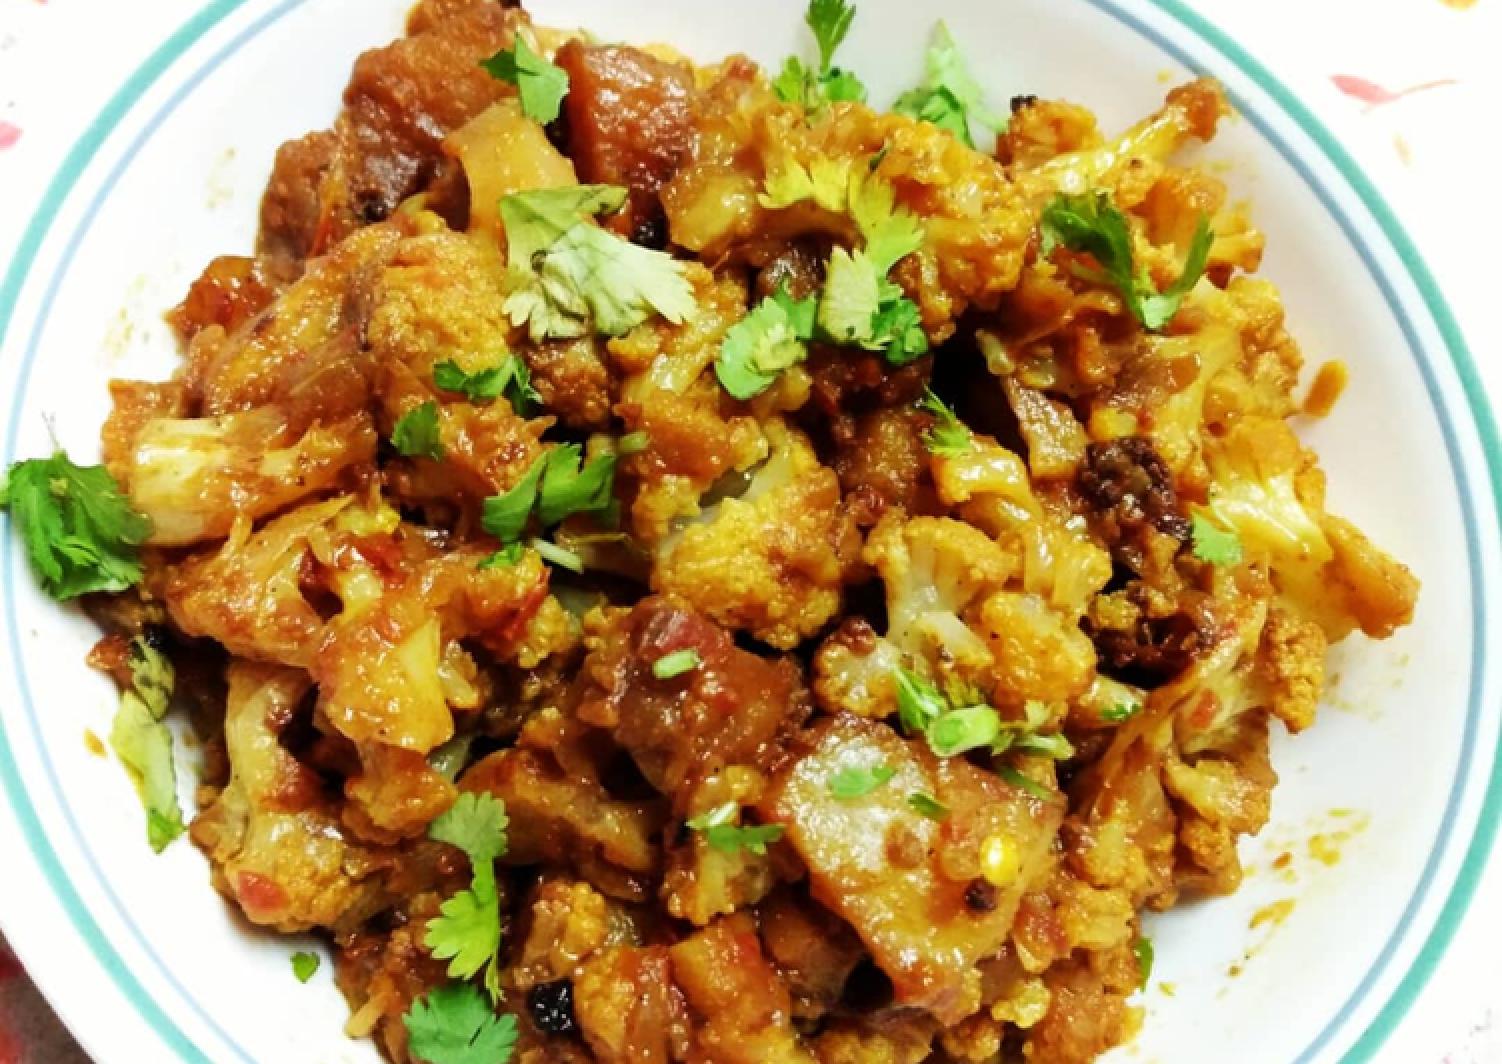 Crispy fried Aloo Gobi